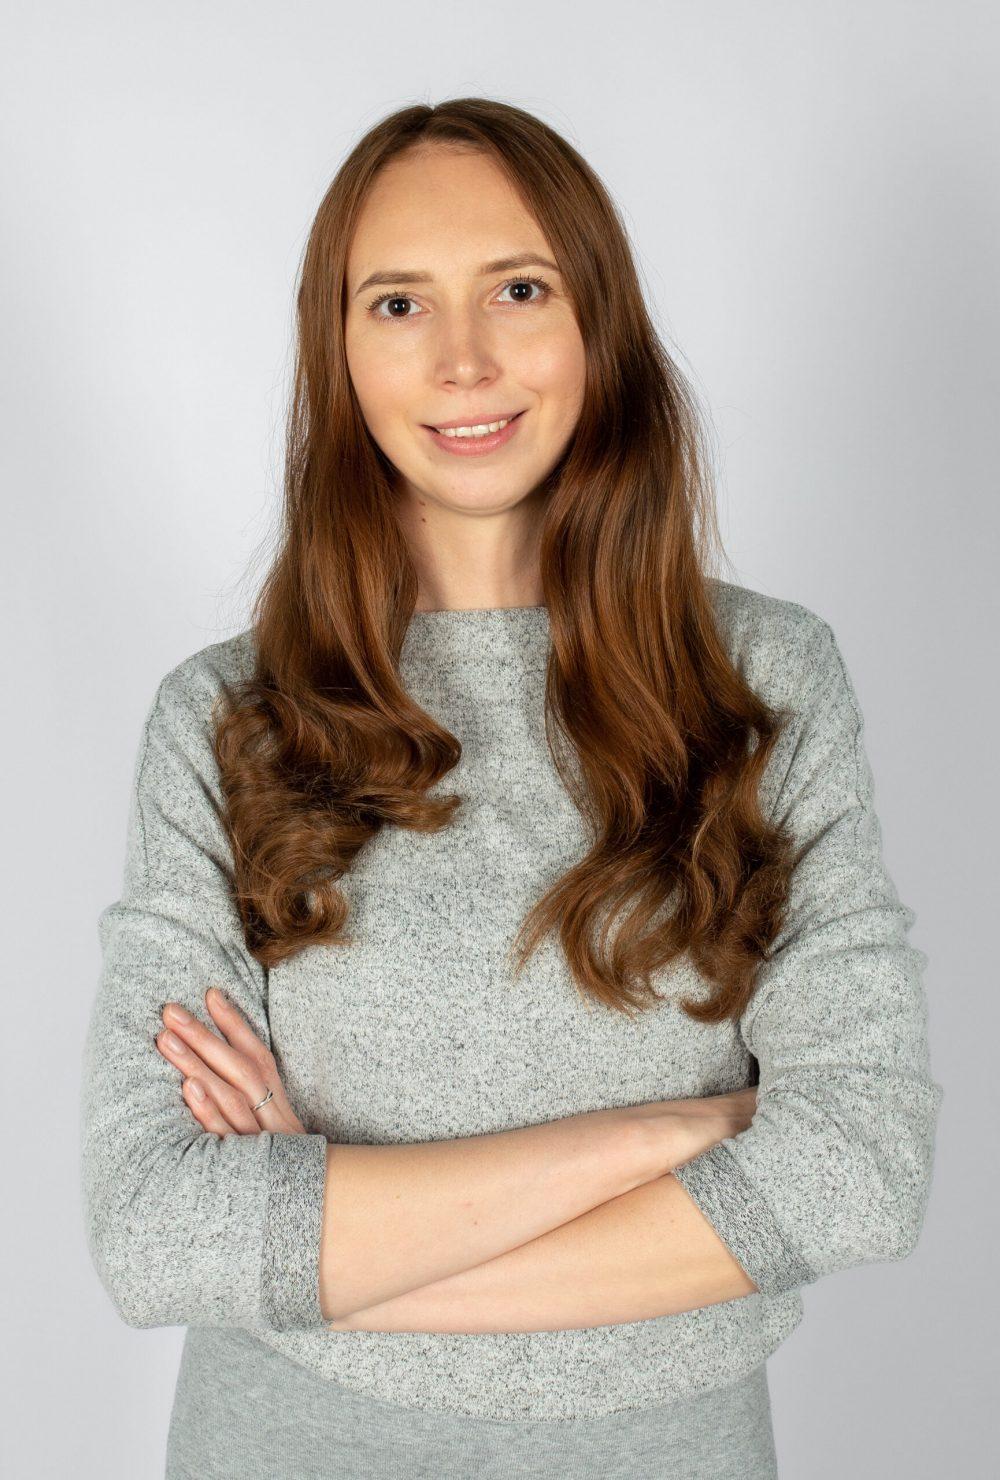 Ольга Крижановская